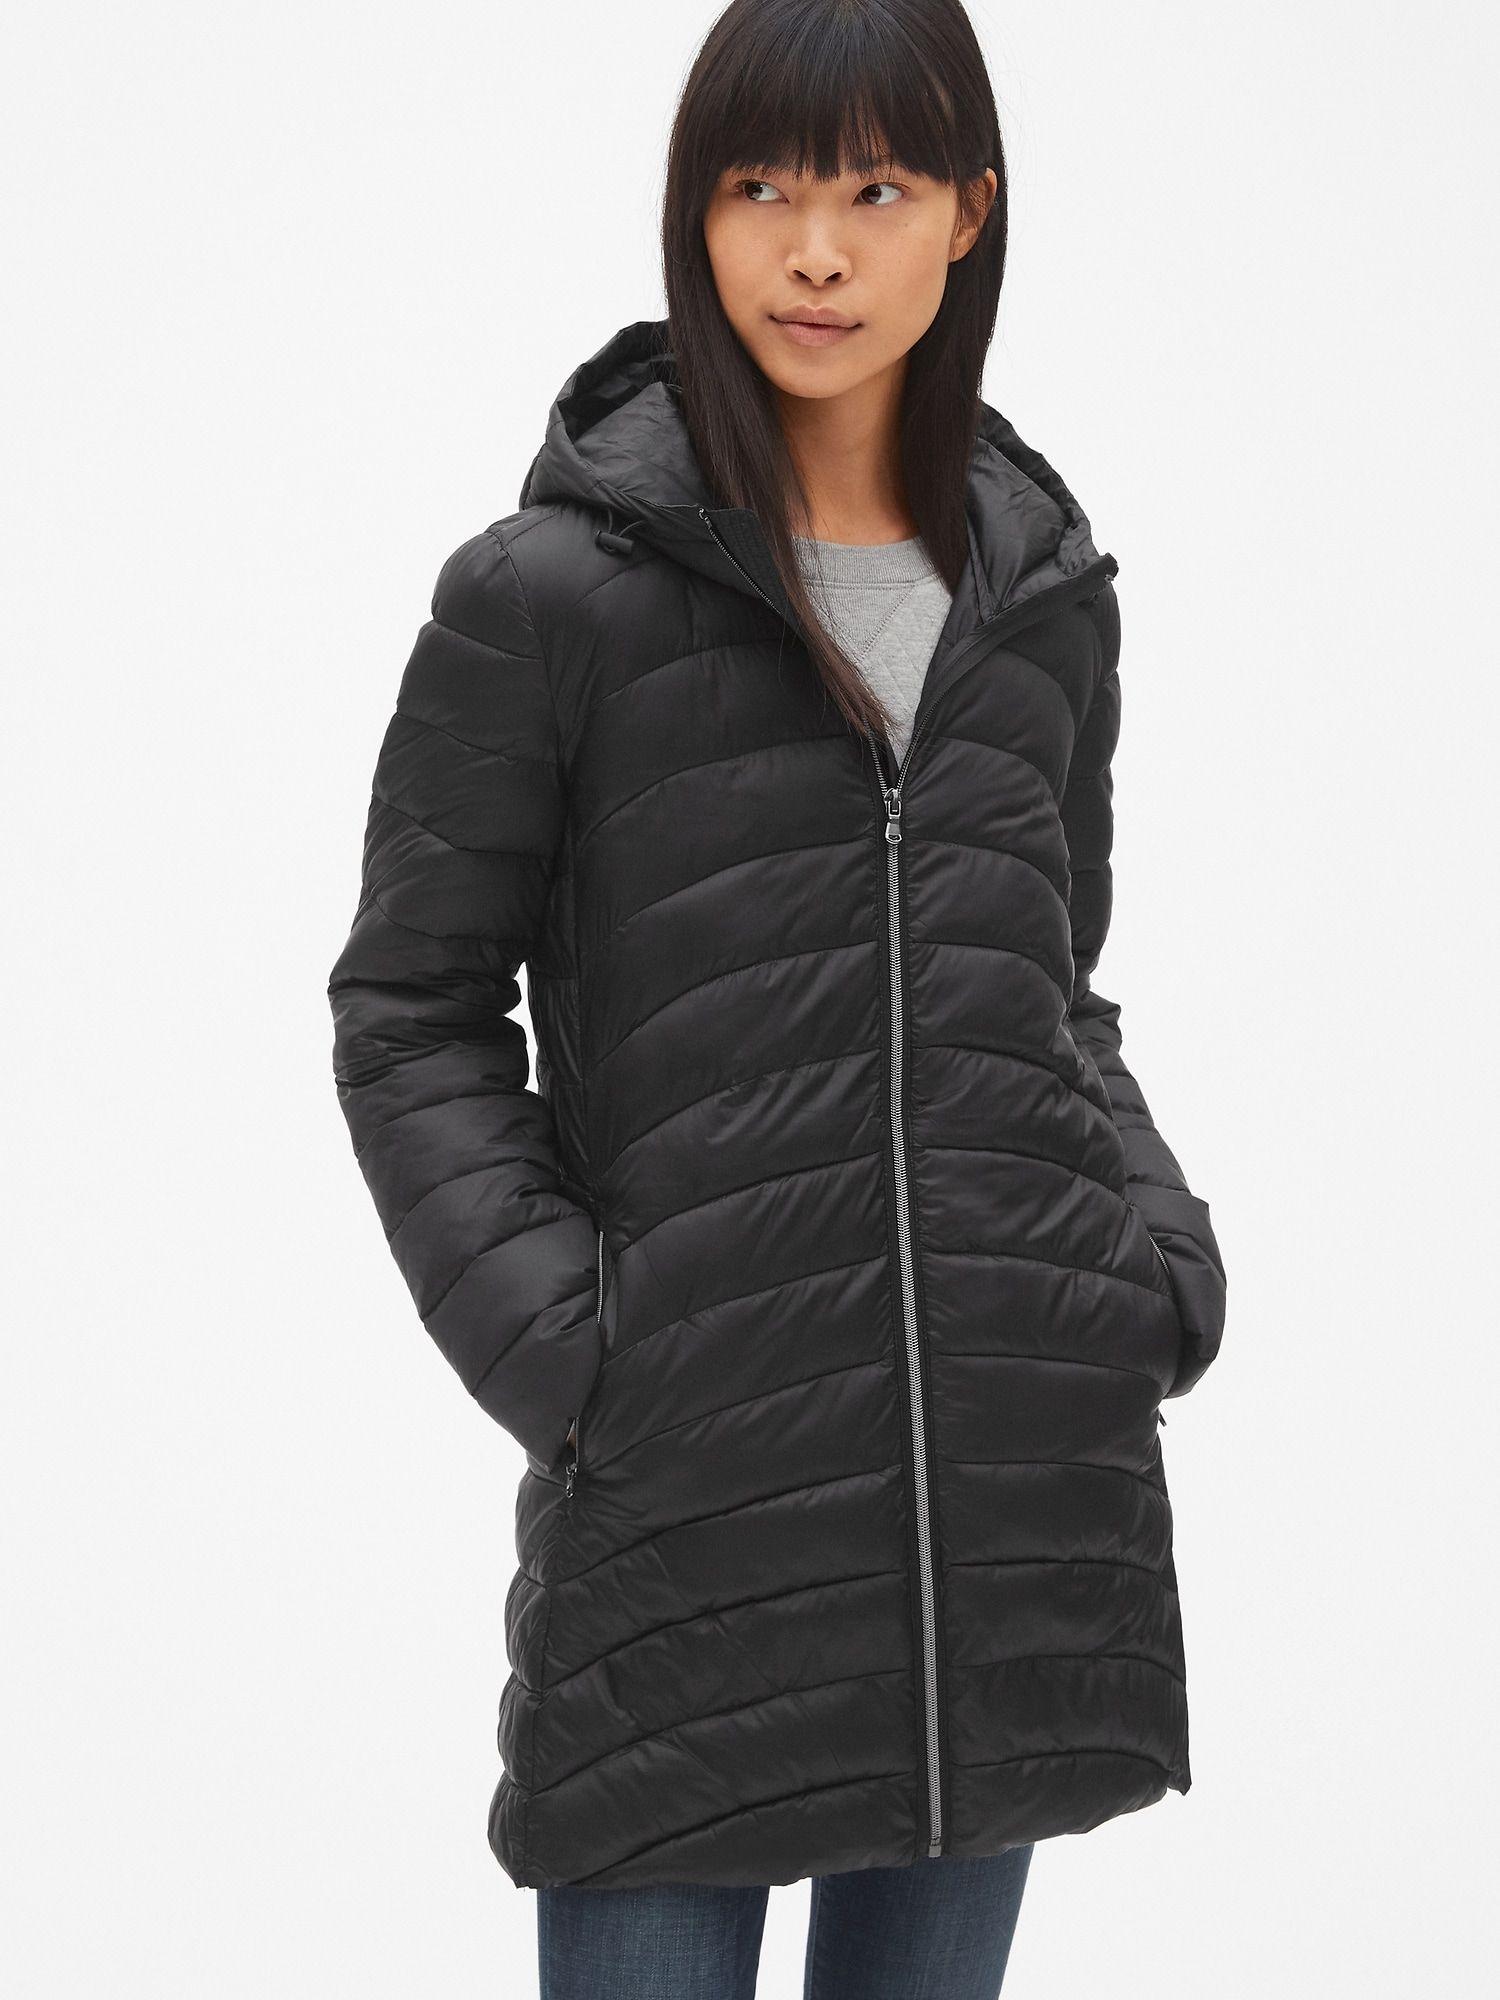 Product Puffer Coat Coats Jackets Women Coats For Women [ 2000 x 1500 Pixel ]